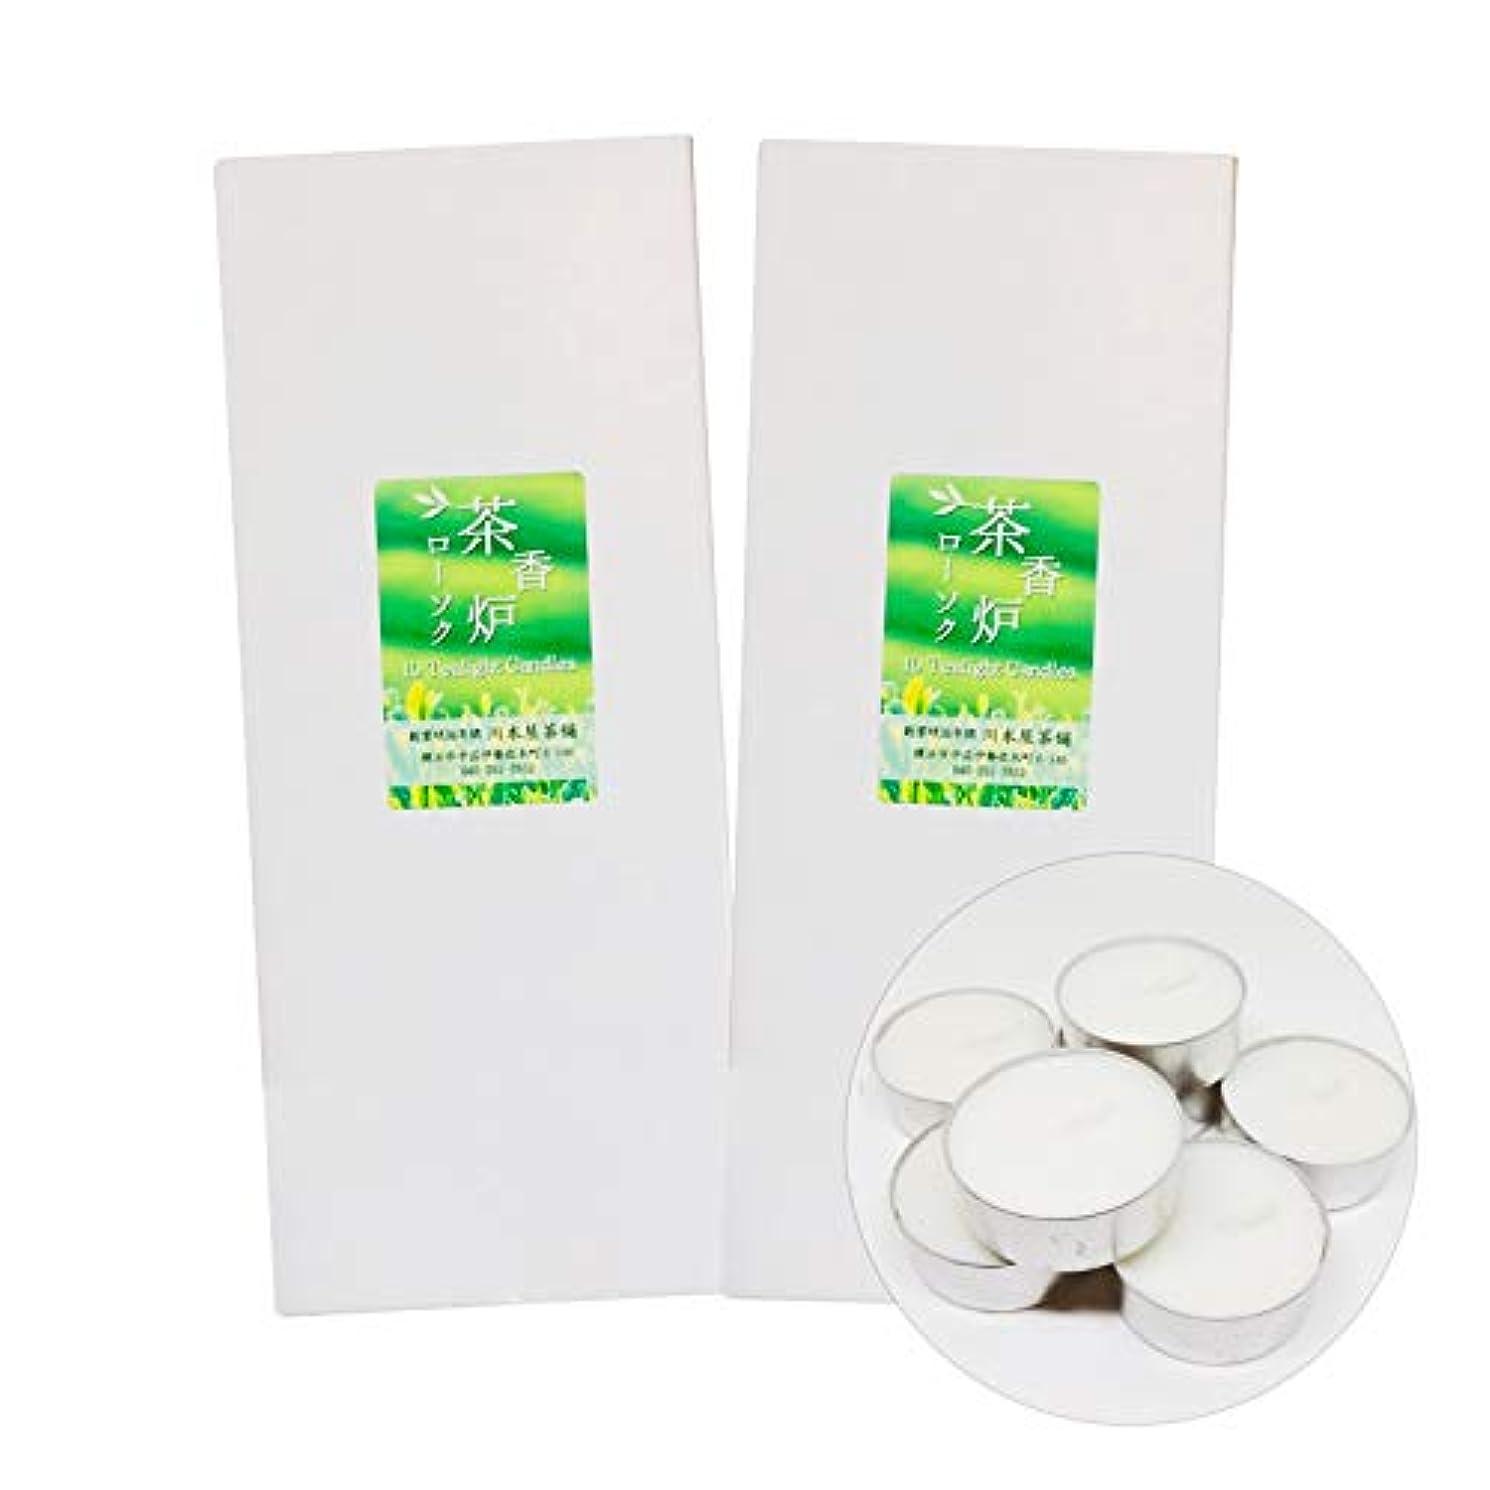 平手打ち征服するあいまいな茶香炉専用 ろうそく キャンドル 10個入り 川本屋茶舗 (2箱)